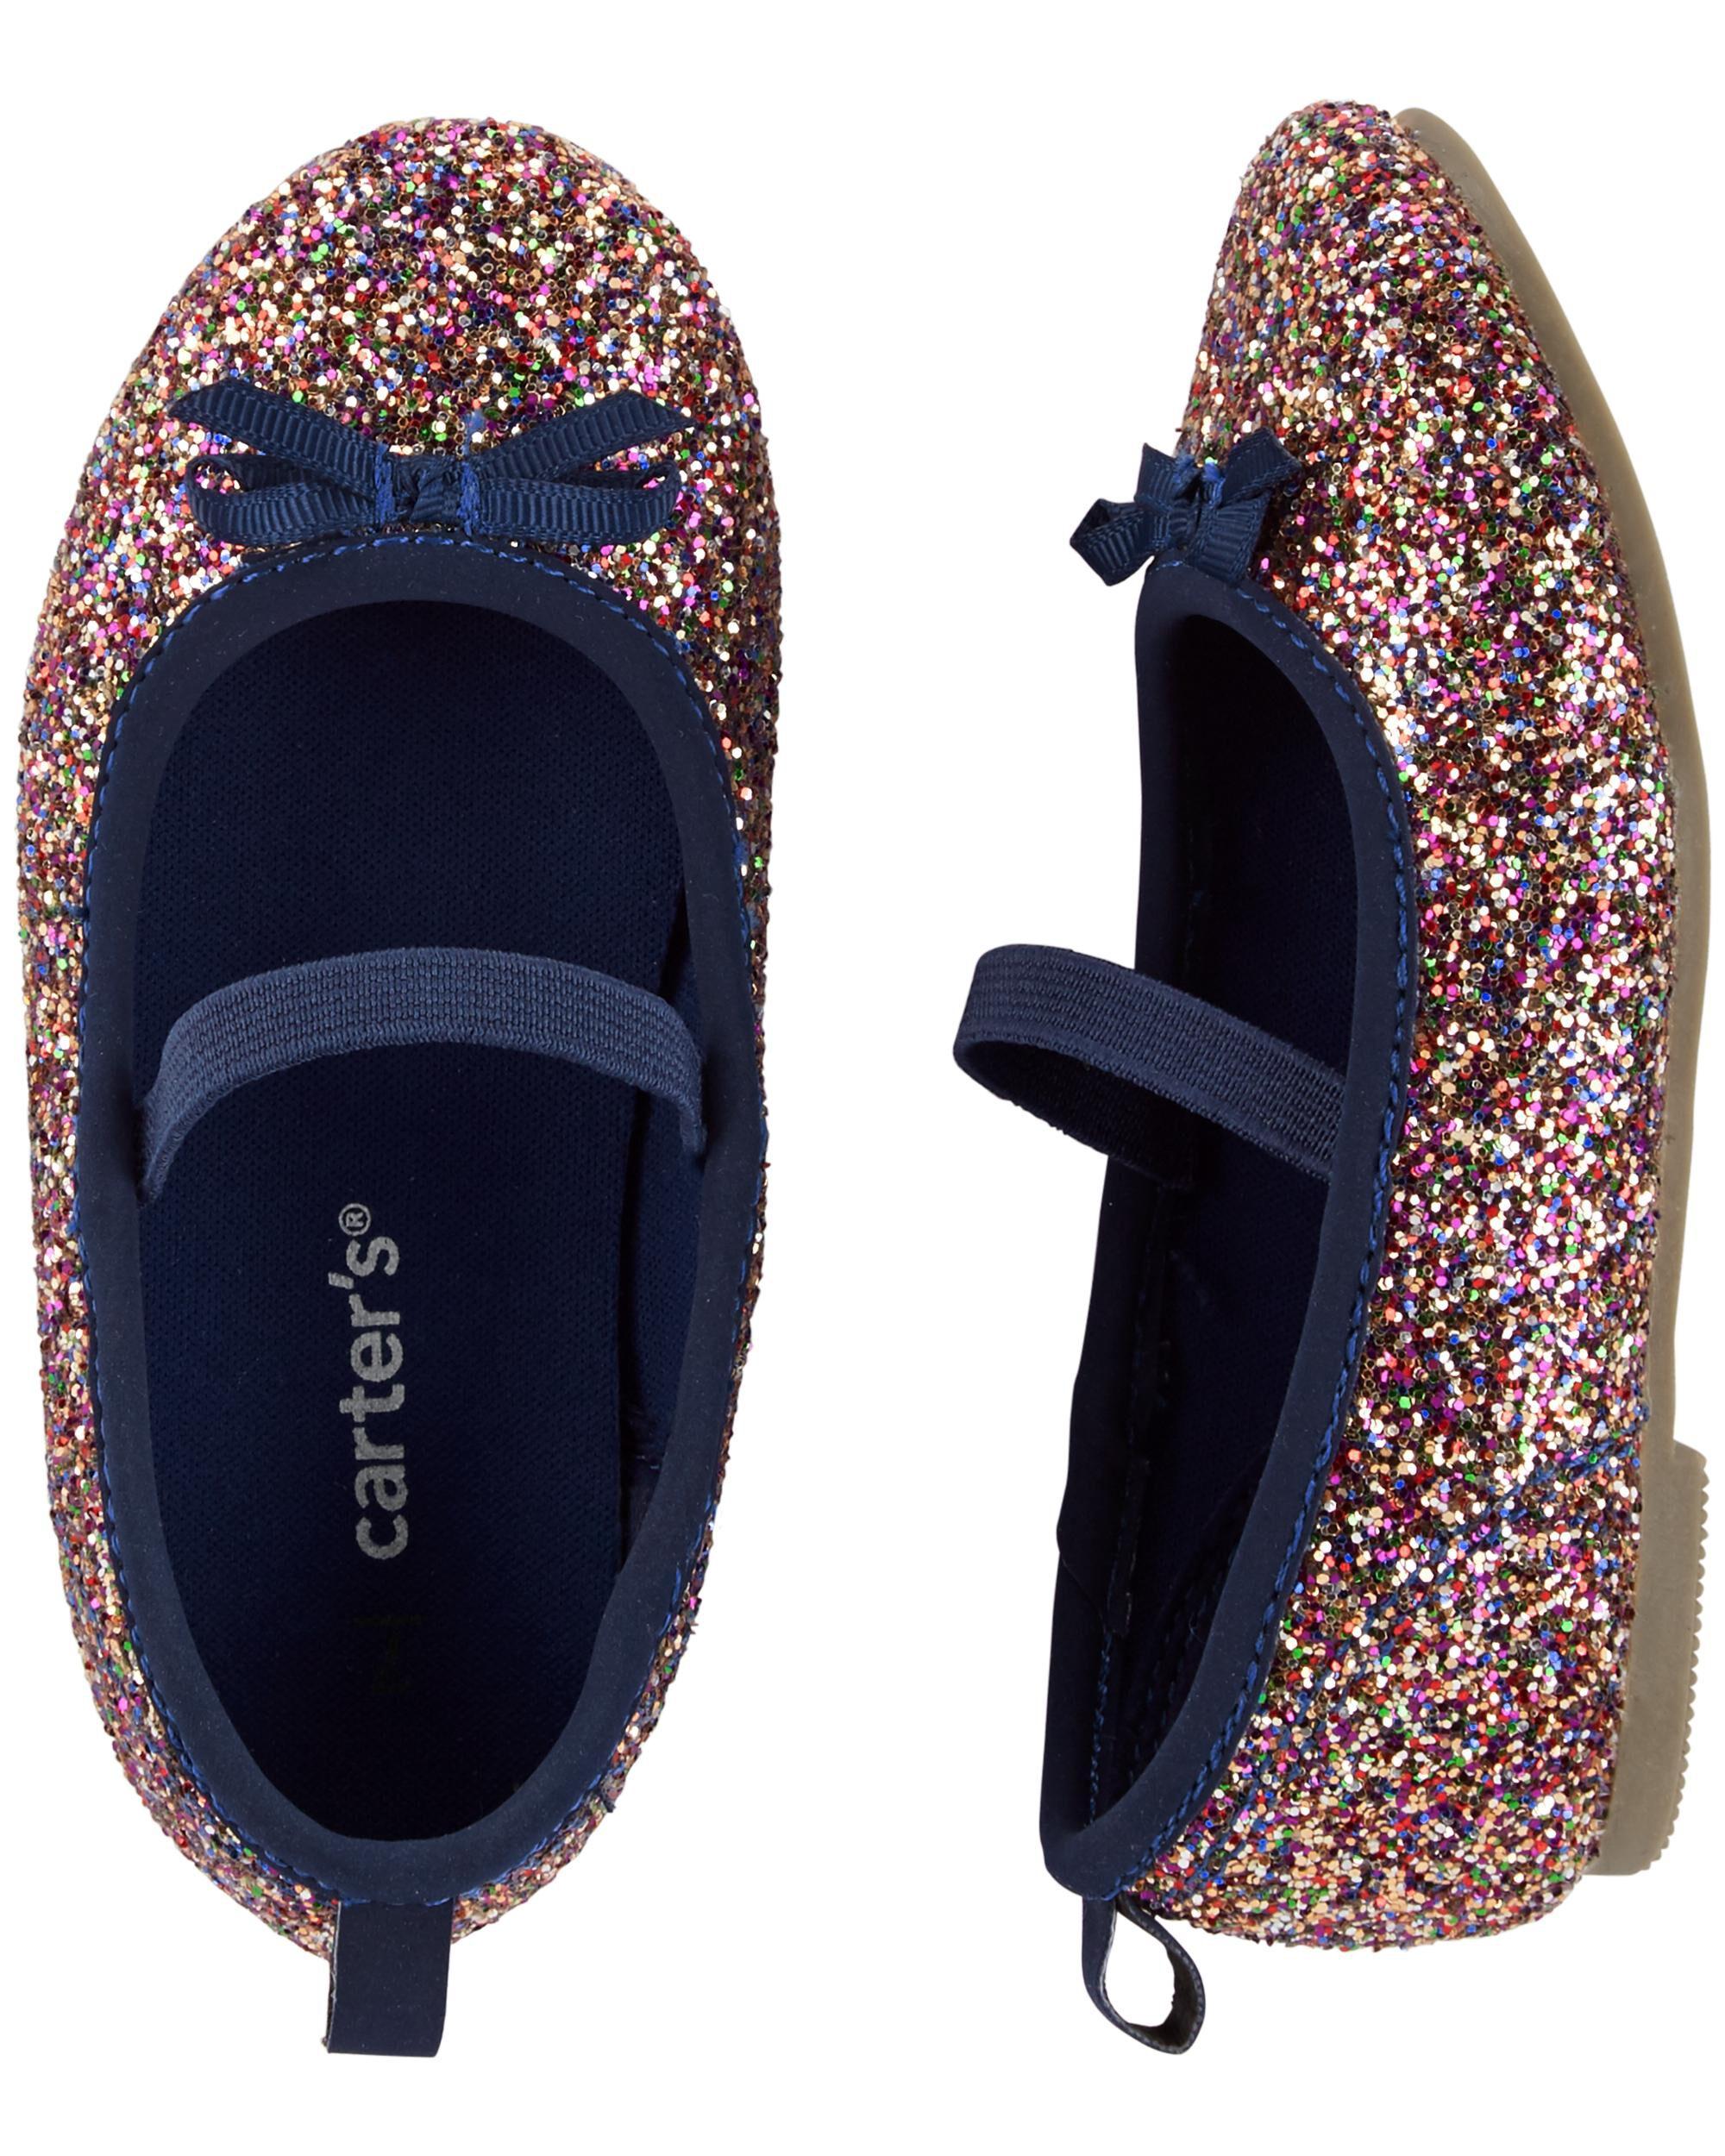 Carter's Glitter Ballet Flats   carters.com